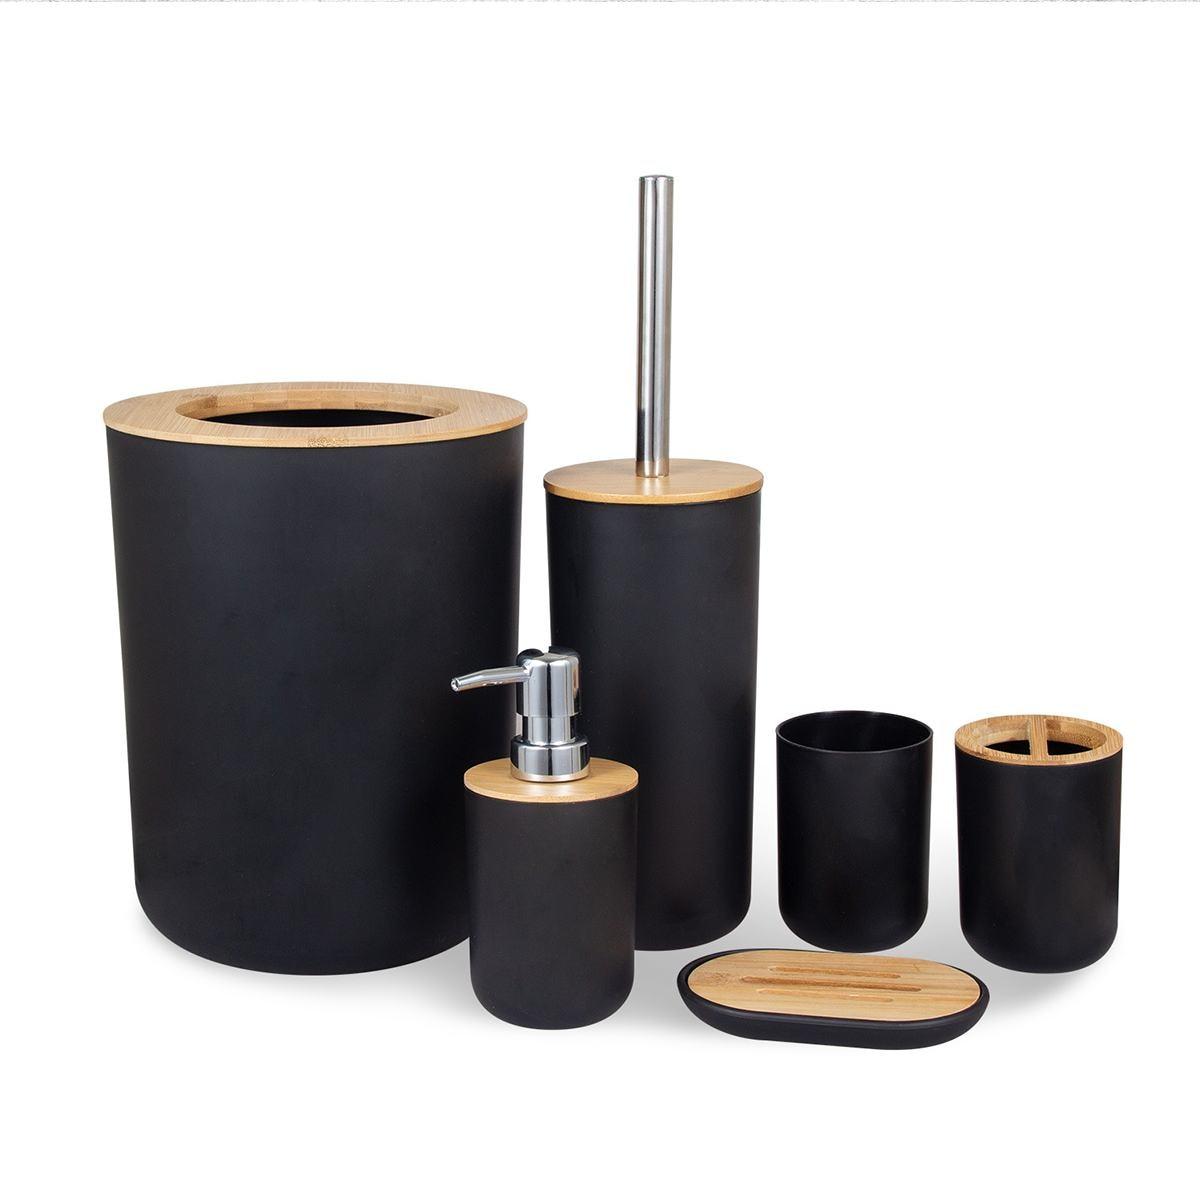 6 unids/set de cepillos de dientes de madera de bambú vaso de cepillos de dientes taza recipiente para emulsión baño accesorios de cocina